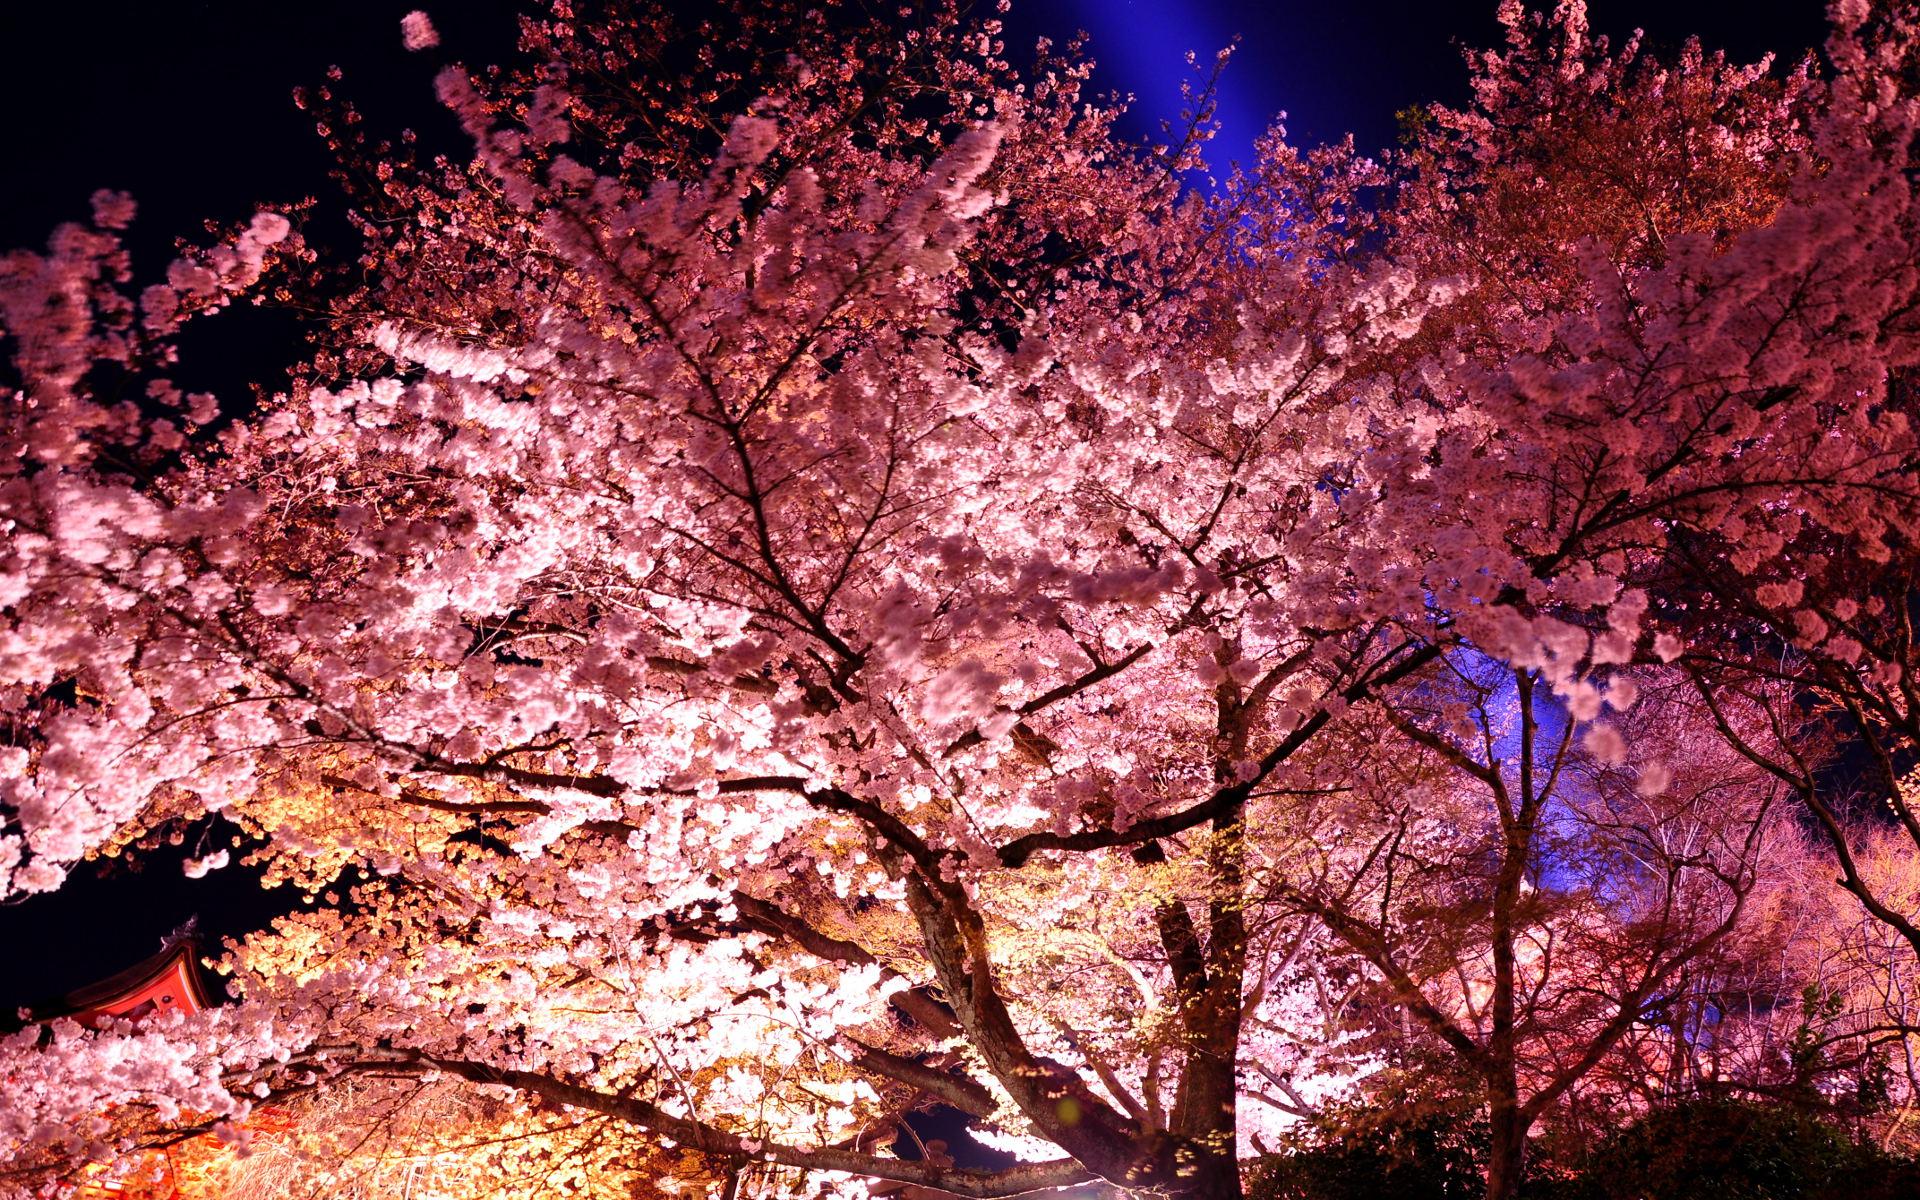 京都壁紙 清水寺 桜ライトアップの夜景